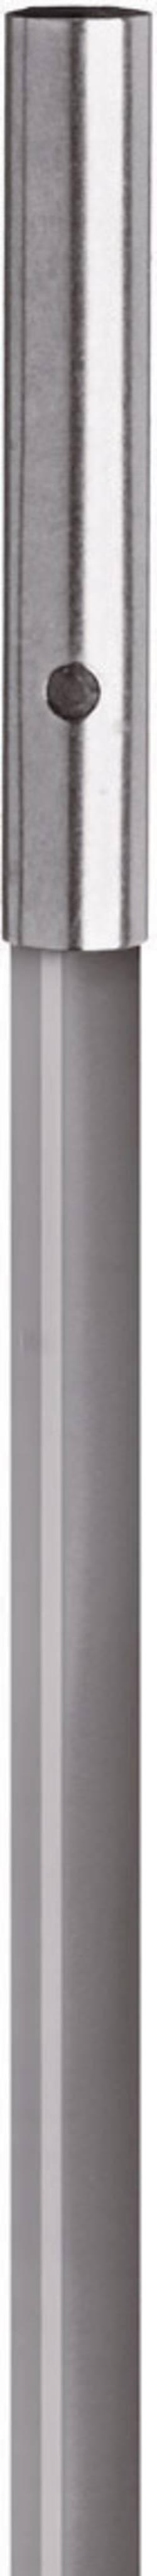 Détecteur de proximité inductif Contrinex DW-AD-603-04 320 920 040 4 mm affleurant PNP 1 pc(s)